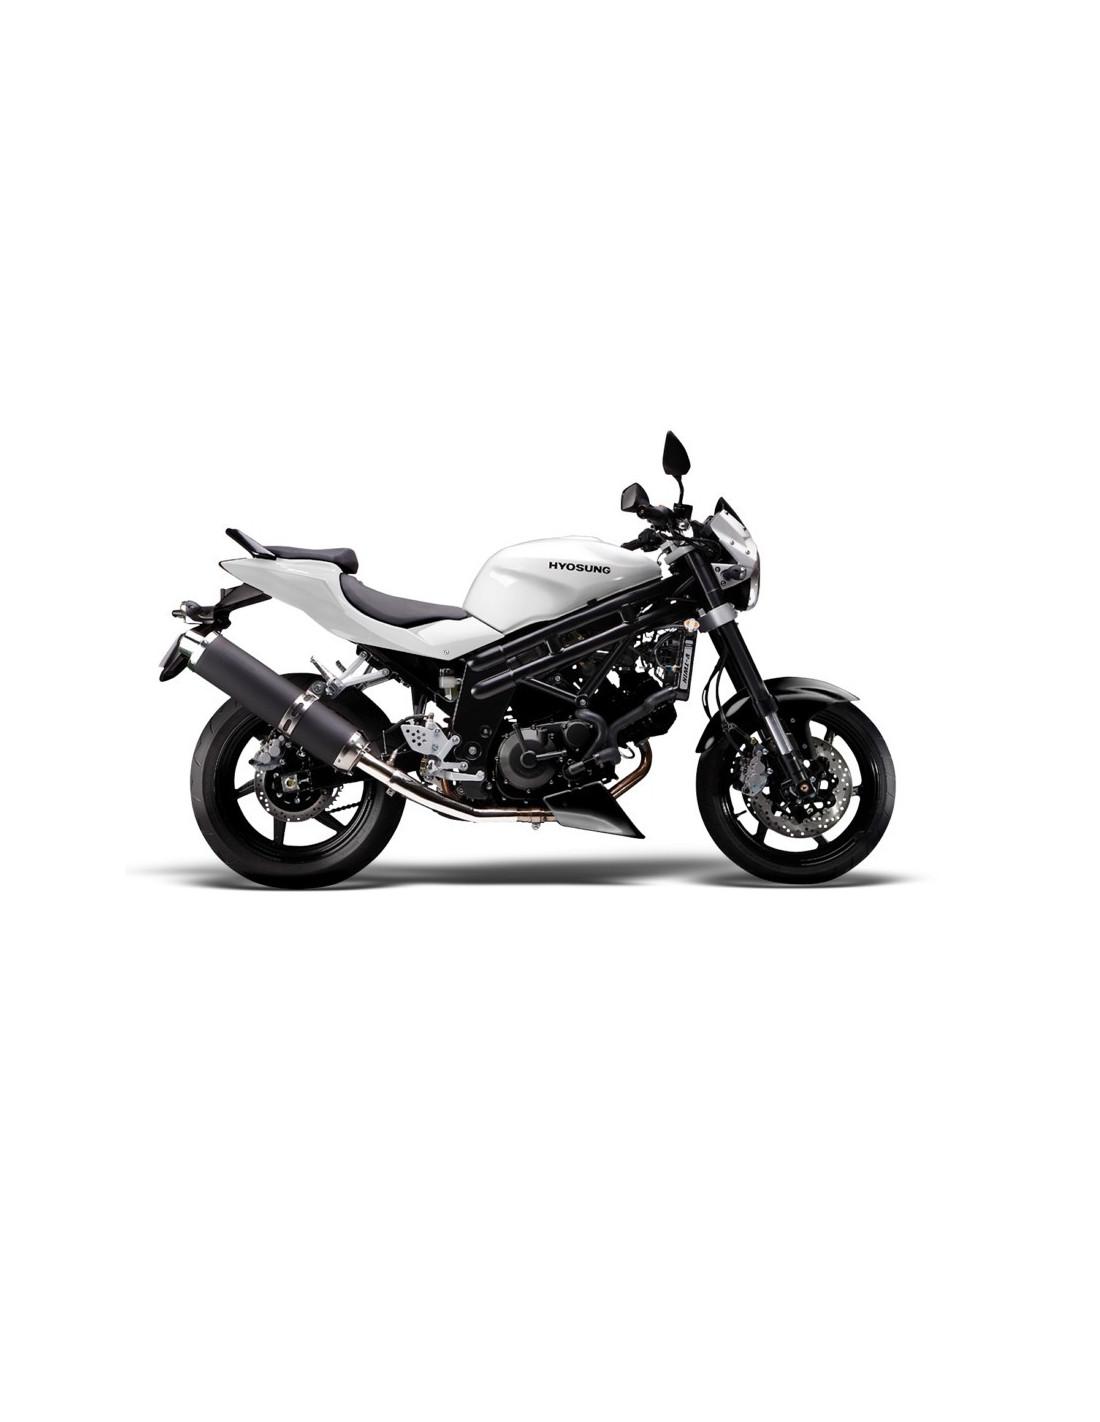 gt 650 hyosung moto roadster. Black Bedroom Furniture Sets. Home Design Ideas